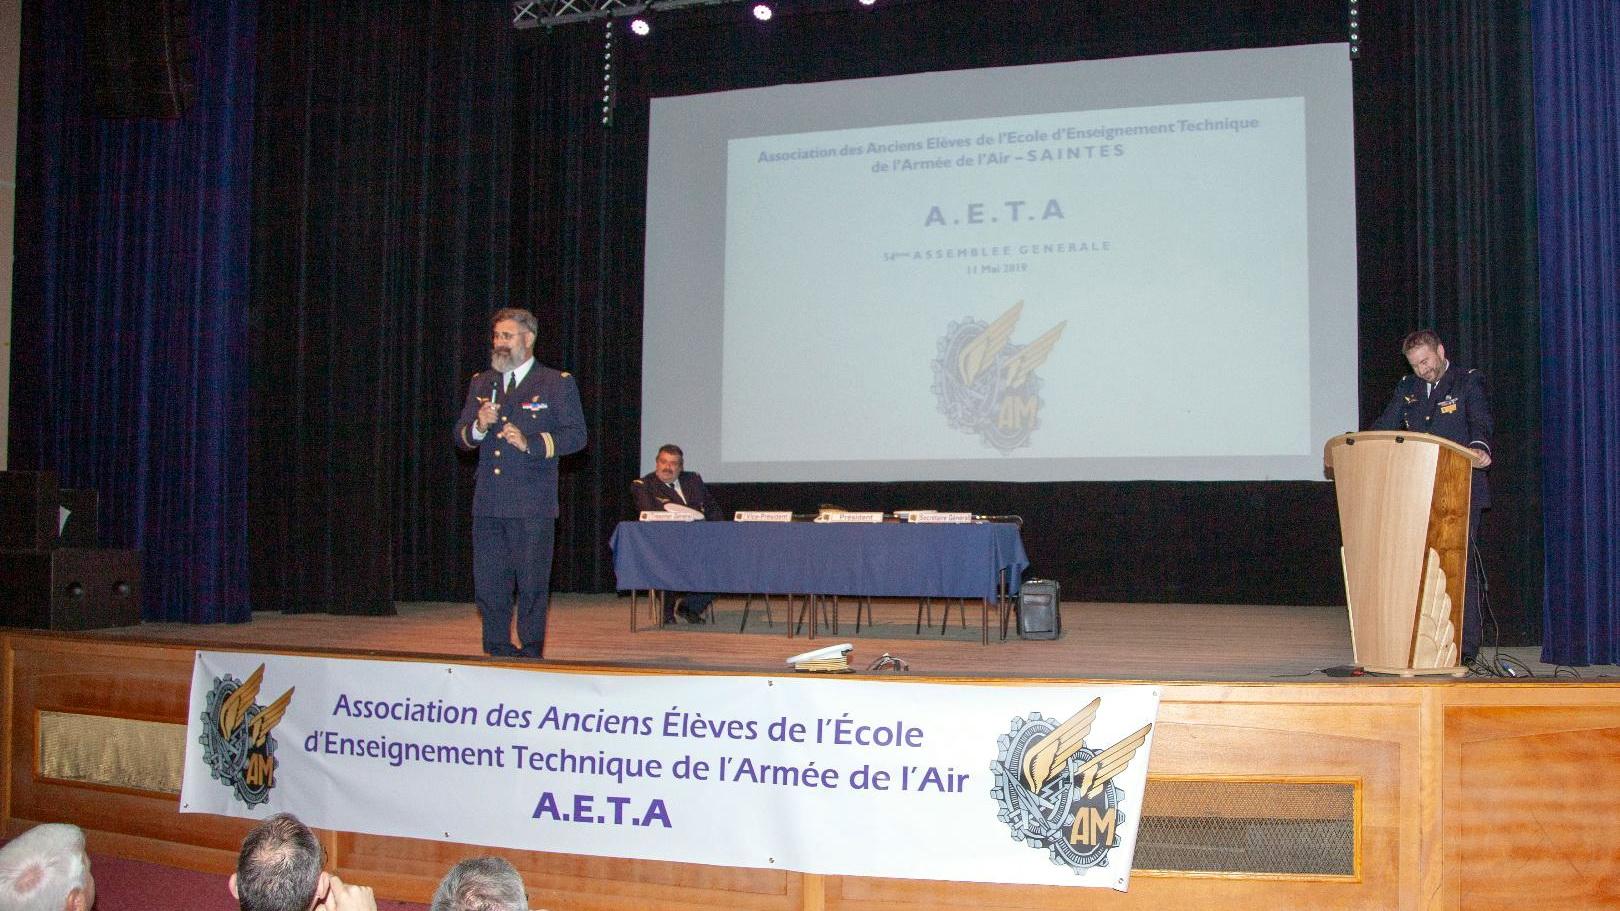 Photos de l'Assemblée Générale 2019 de l'AETA 95